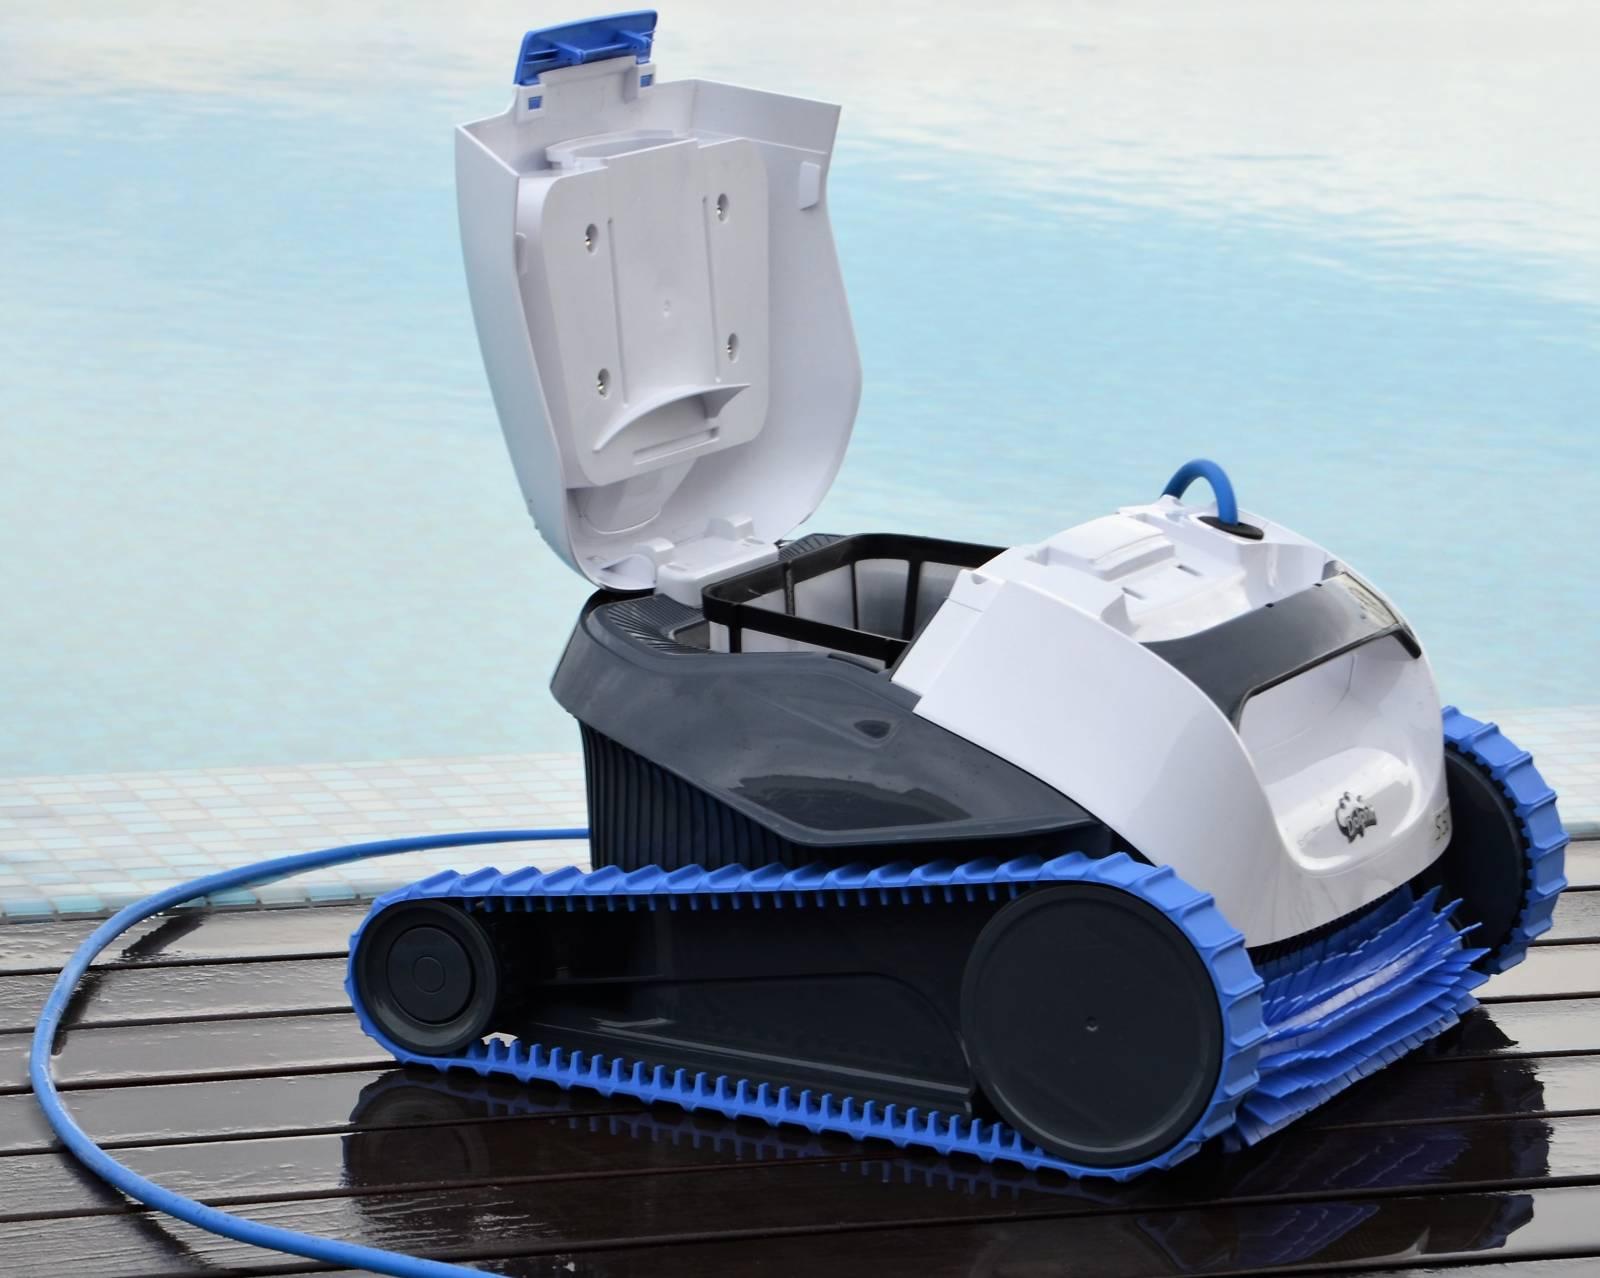 Robot piscine dolphin s50 jce piscines for Robot piscine desjoyaux